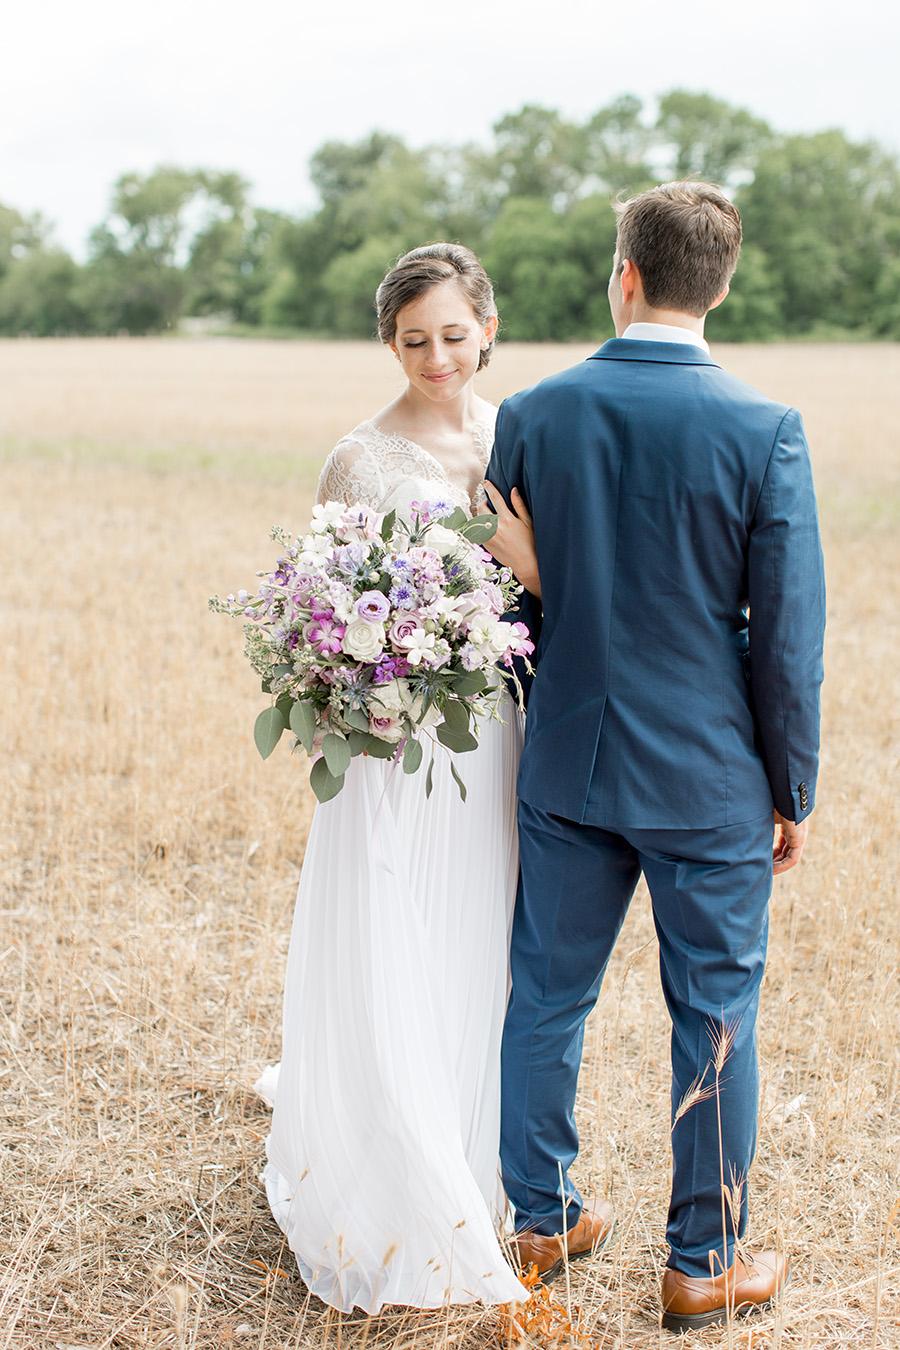 wedding portraits in an open field